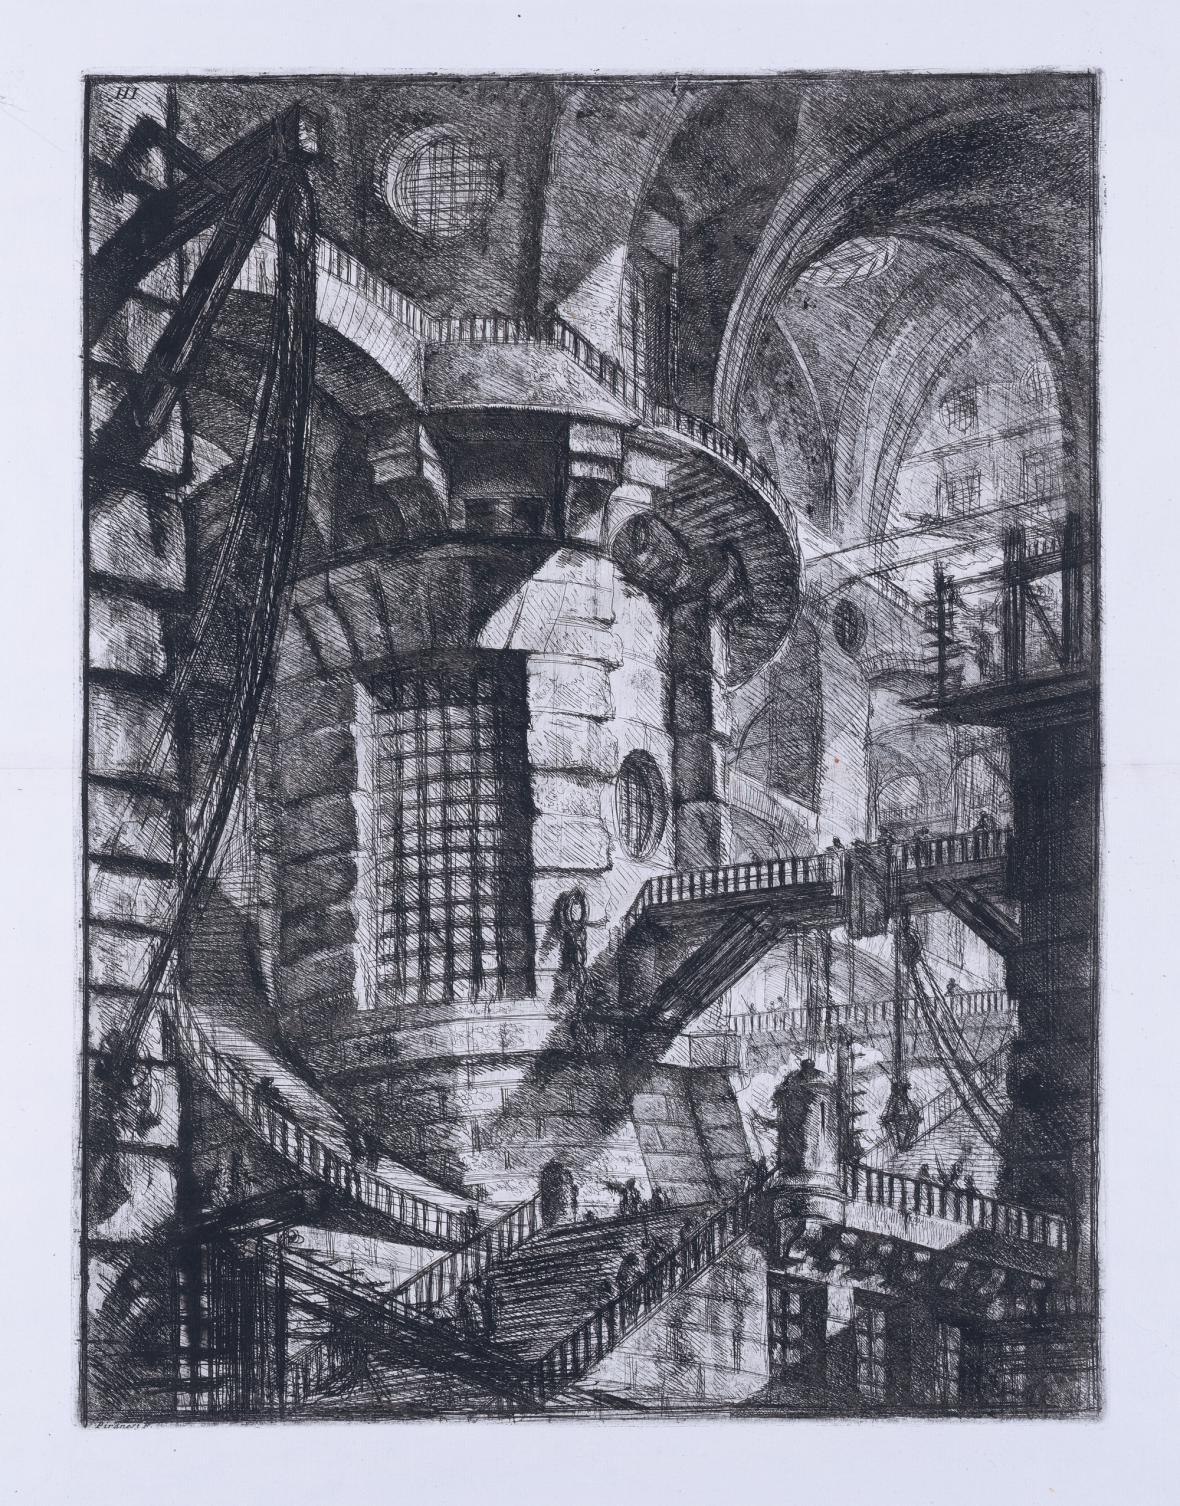 Giovanni Battista Piranesi / Válcová věž, z cyklu Žaláře, 1749-50